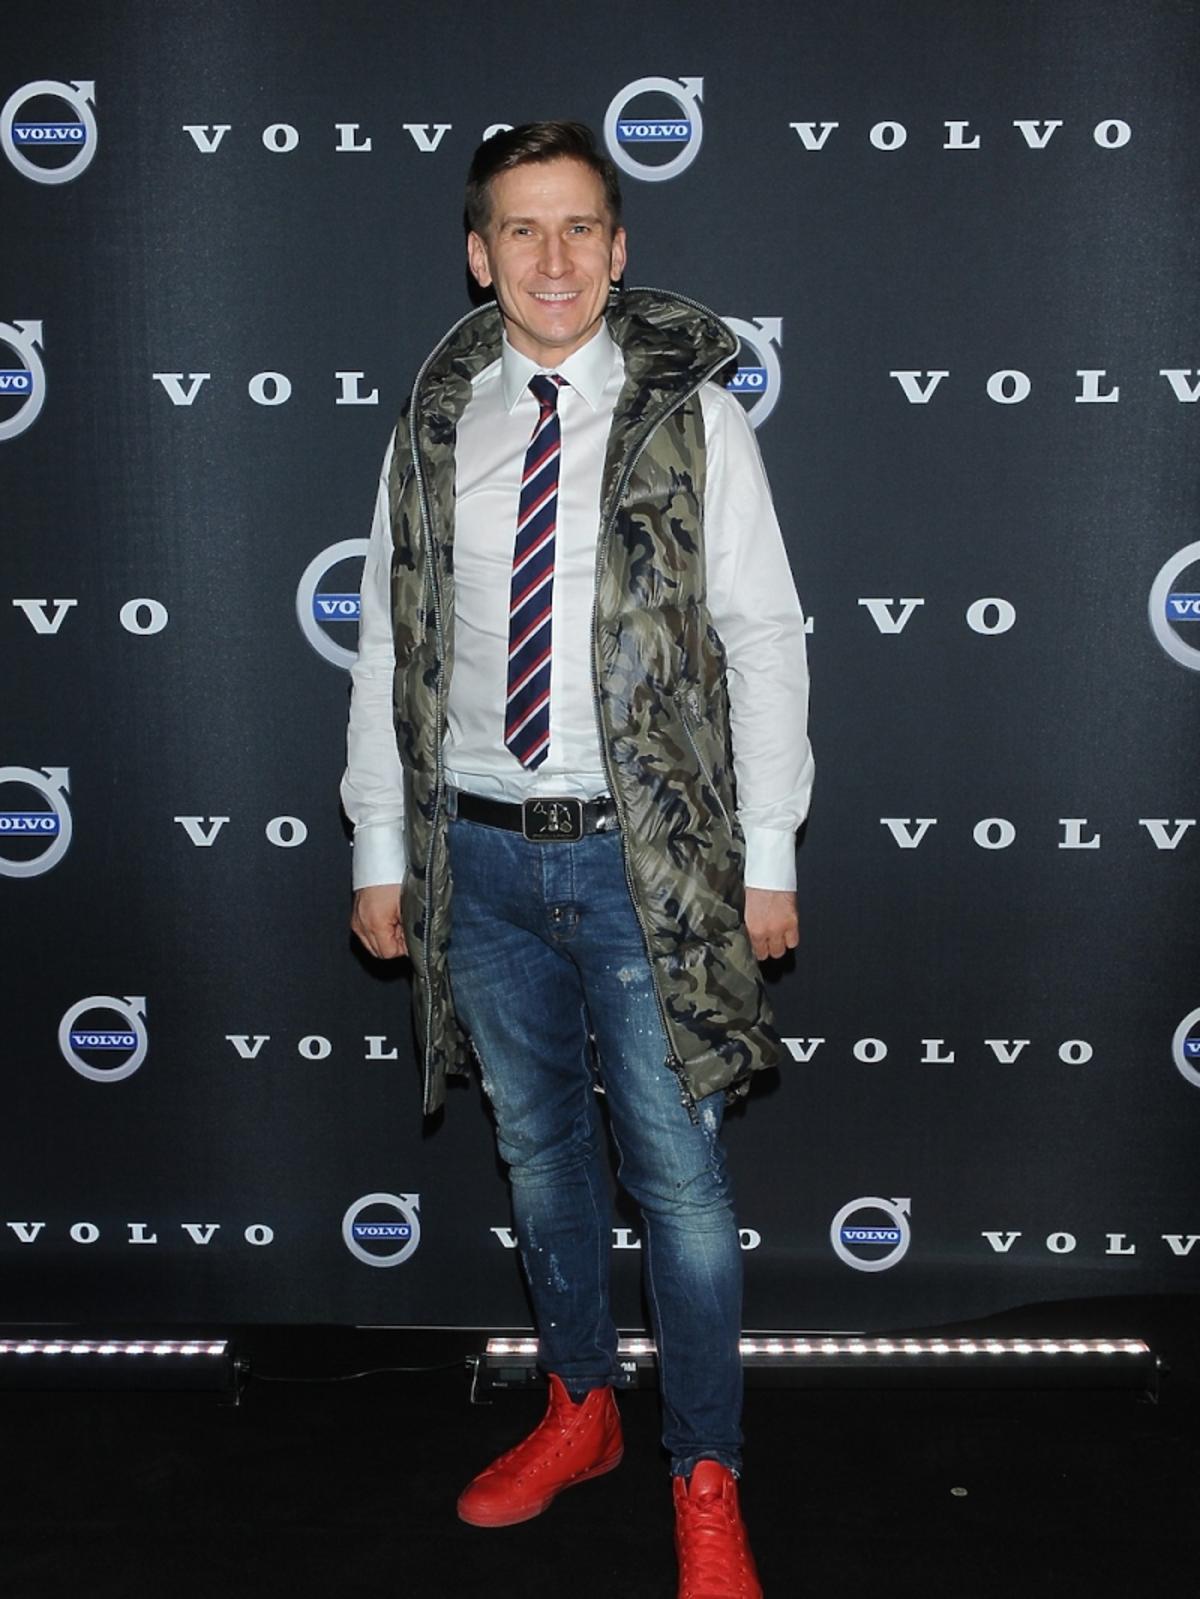 Tomasz Barański w białej koszuli, krawacie, kamizelce i dżinsach